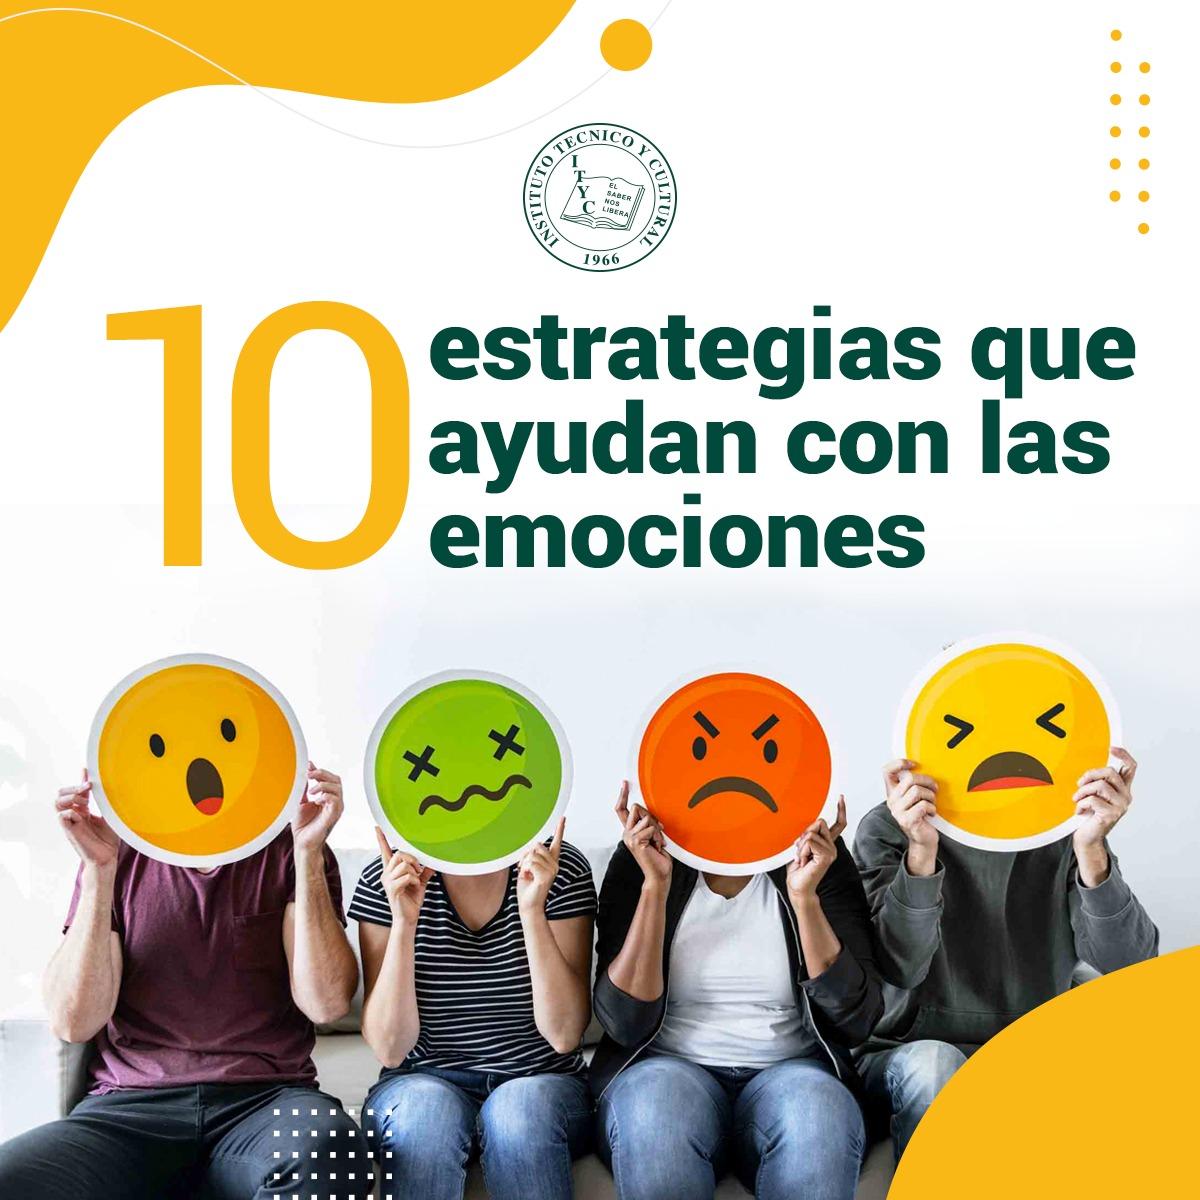 10 estrategias que ayudan con las emociones